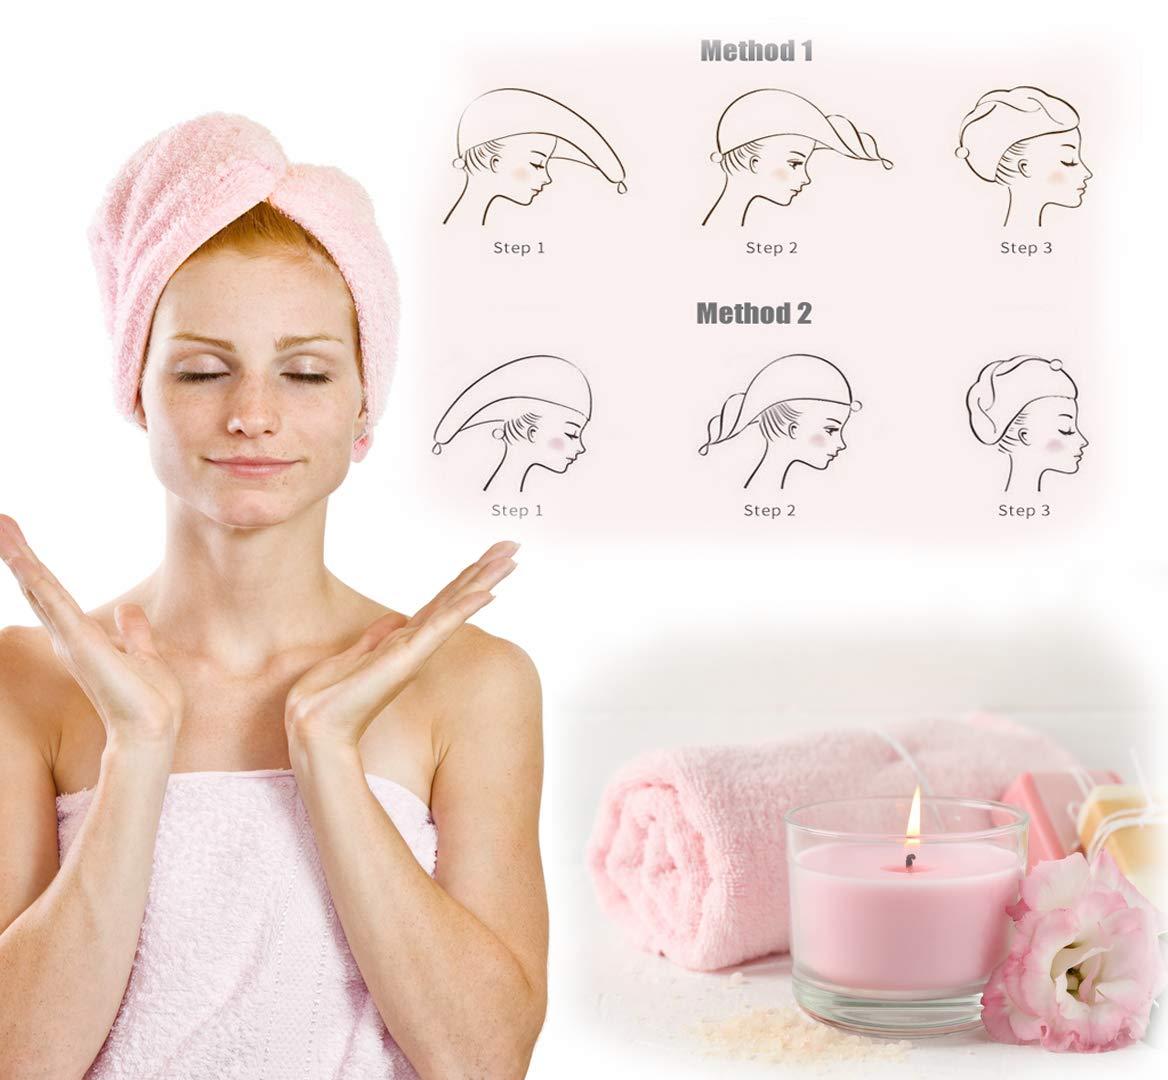 65 x 26 cm Mikrofaser Haarturban Saugstark mit Knopf 2 St/ück Turban Handtuch f/ür langes und dickes Haare Badeturban Haartrockentuch f/ür Frauen